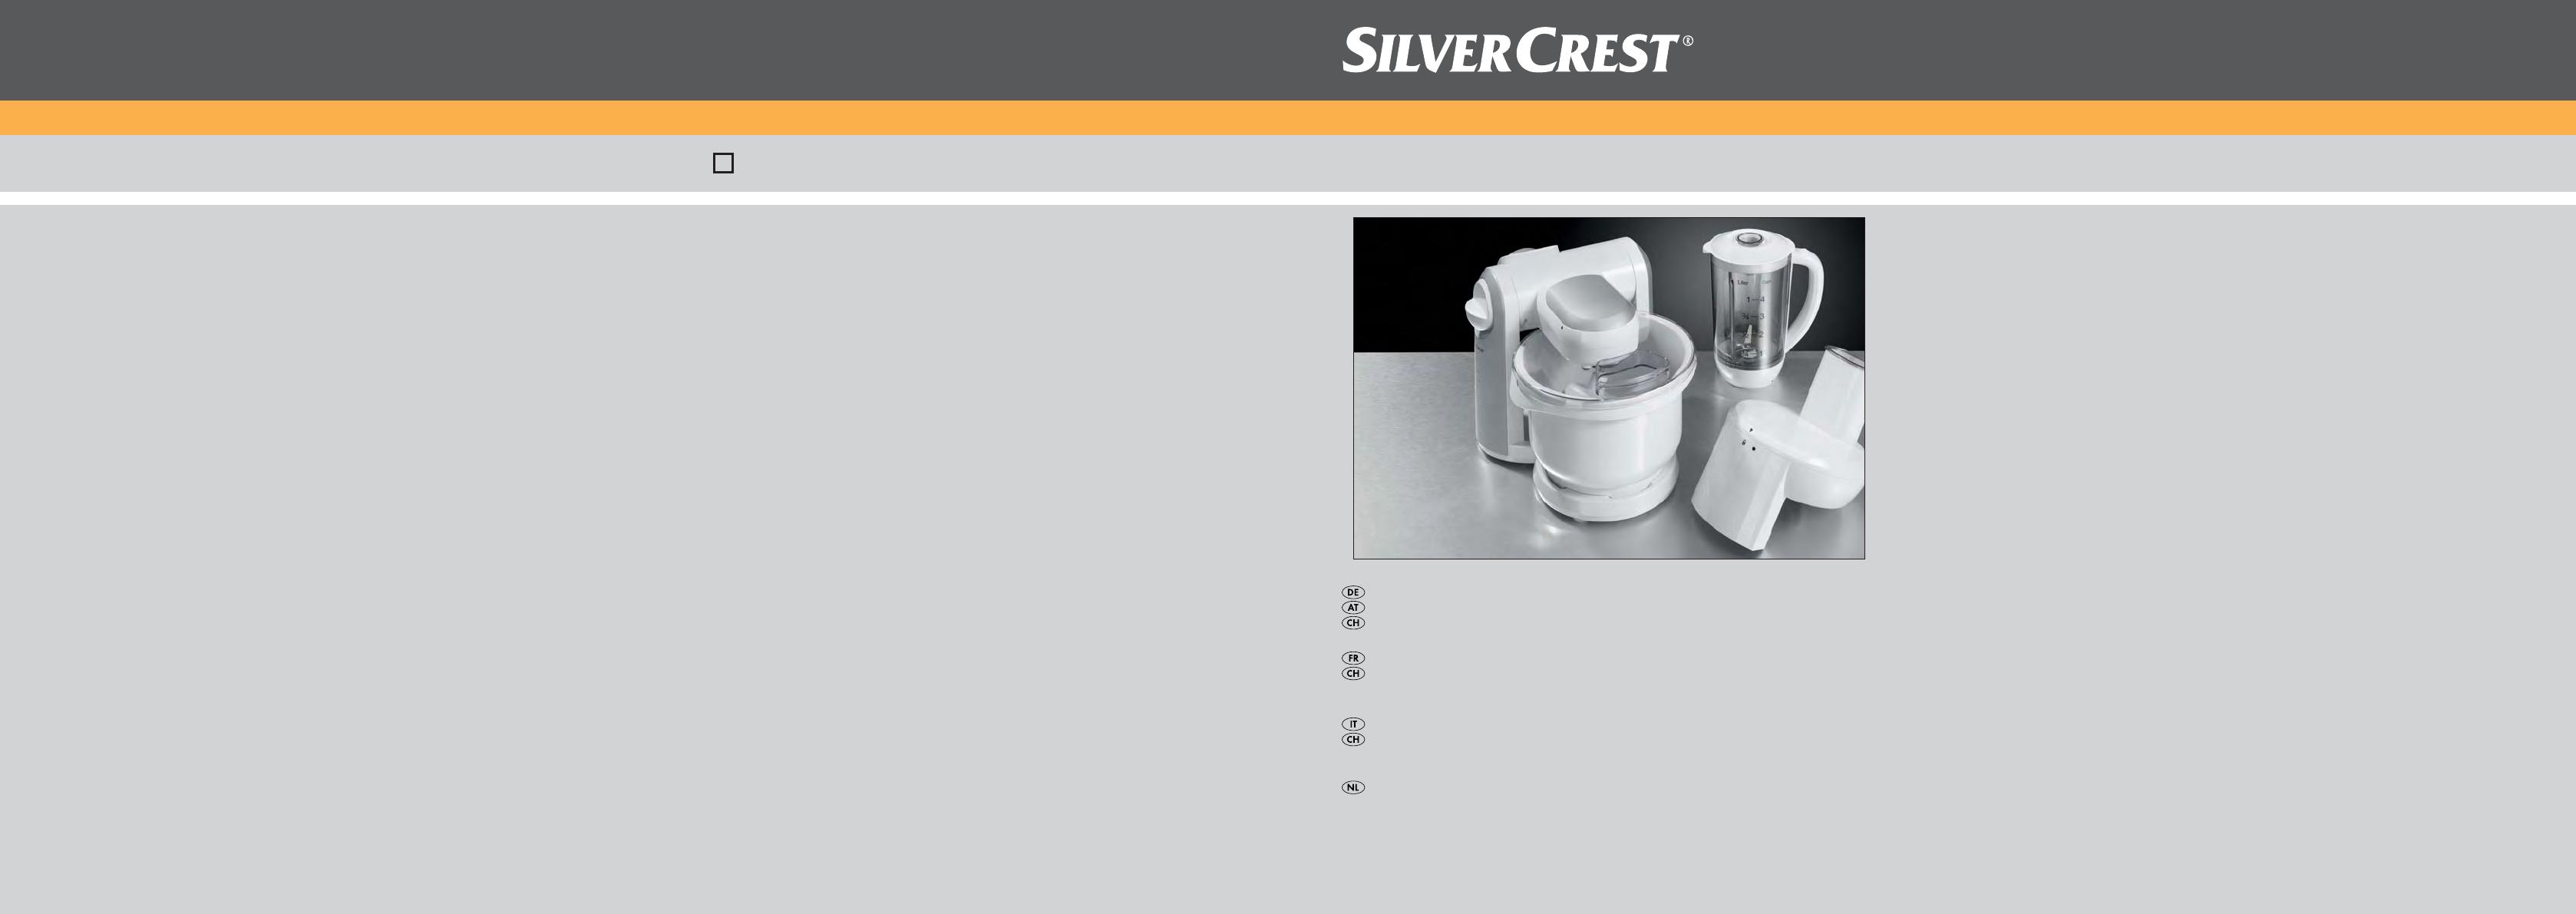 Bedienungsanleitung Silvercrest SKM 550 A1 - IAN 63913 (Seite 1 von ...